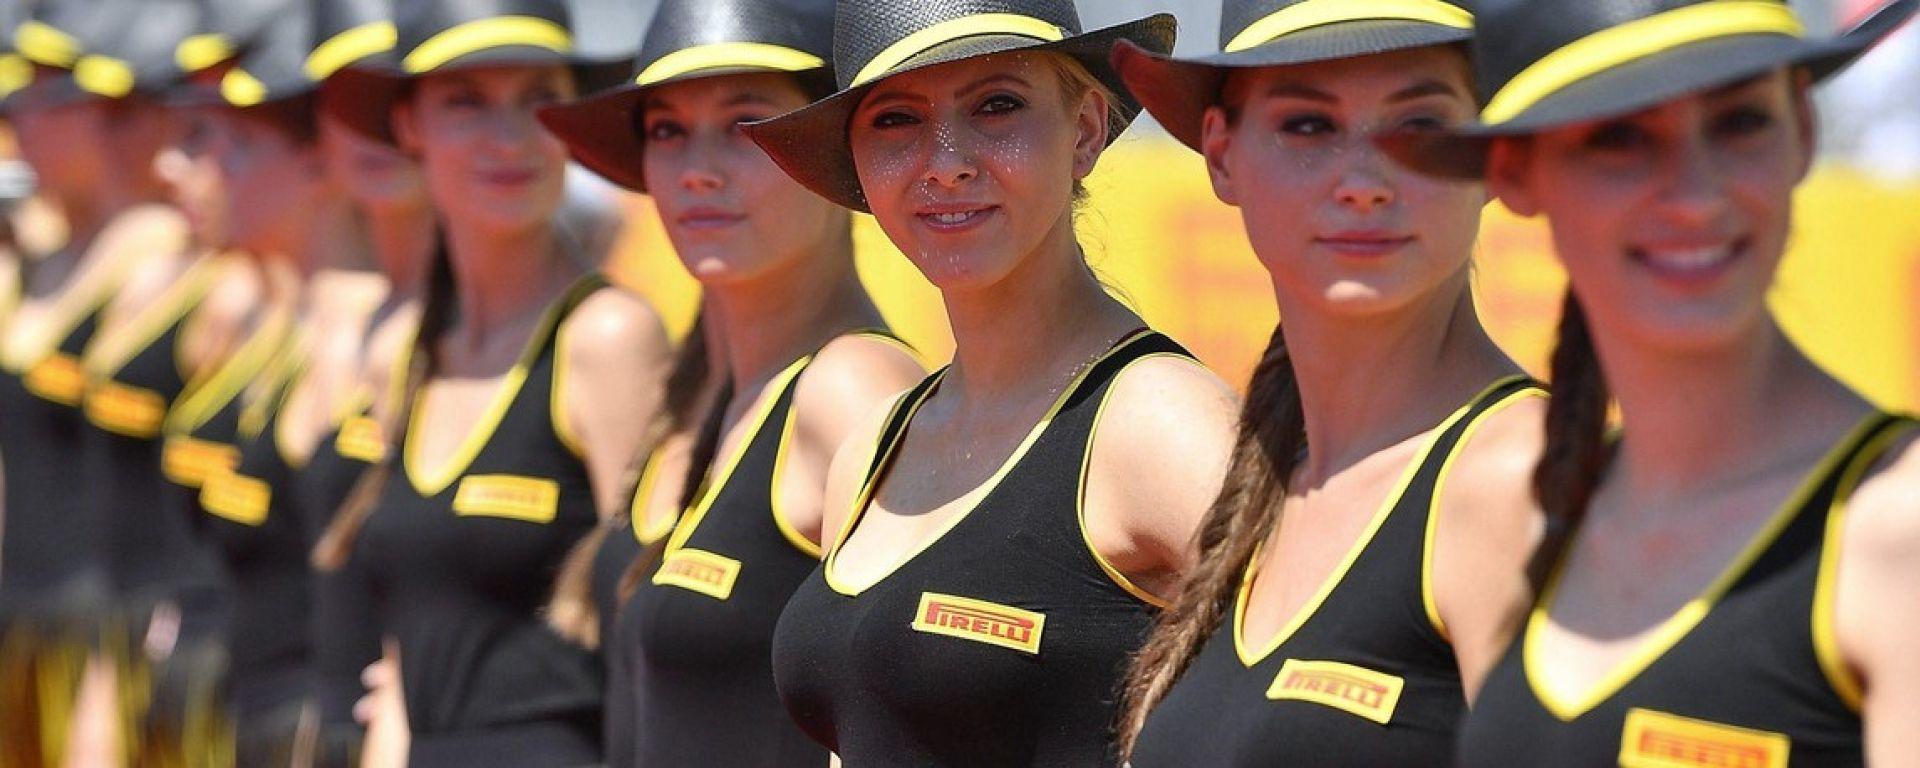 Grid Girl Pirelli - Formula Uno